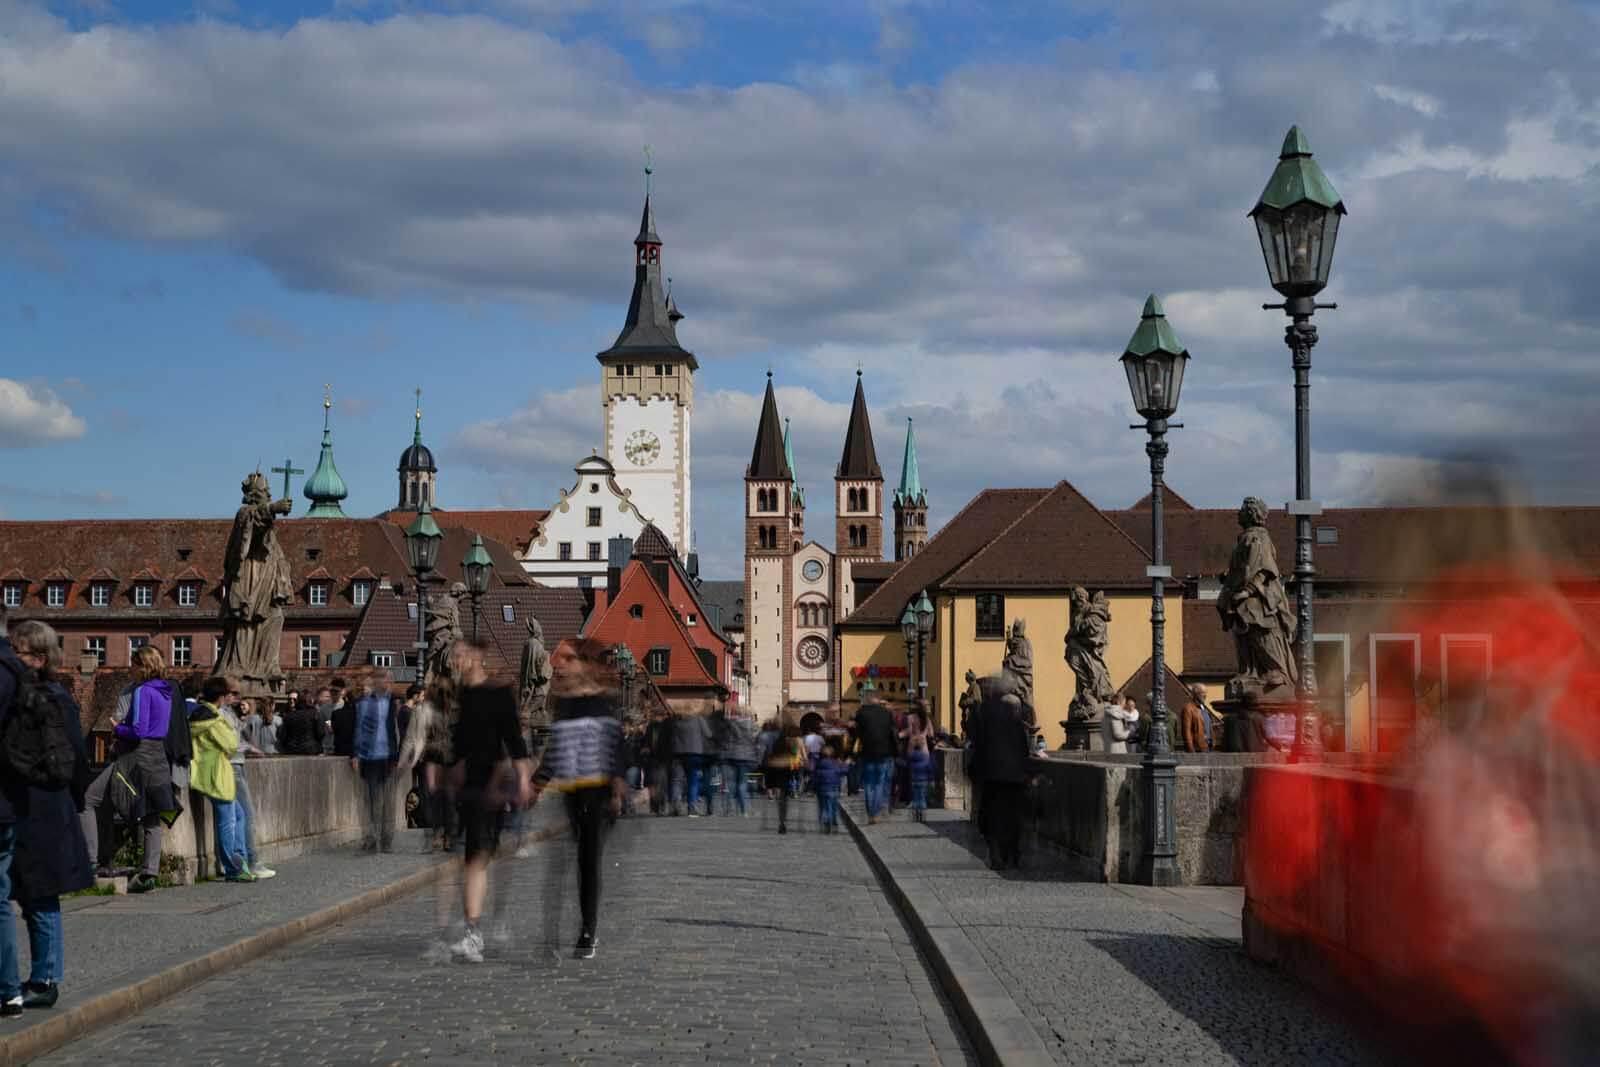 Crossing Old Main Bridge in Würzburg Germany